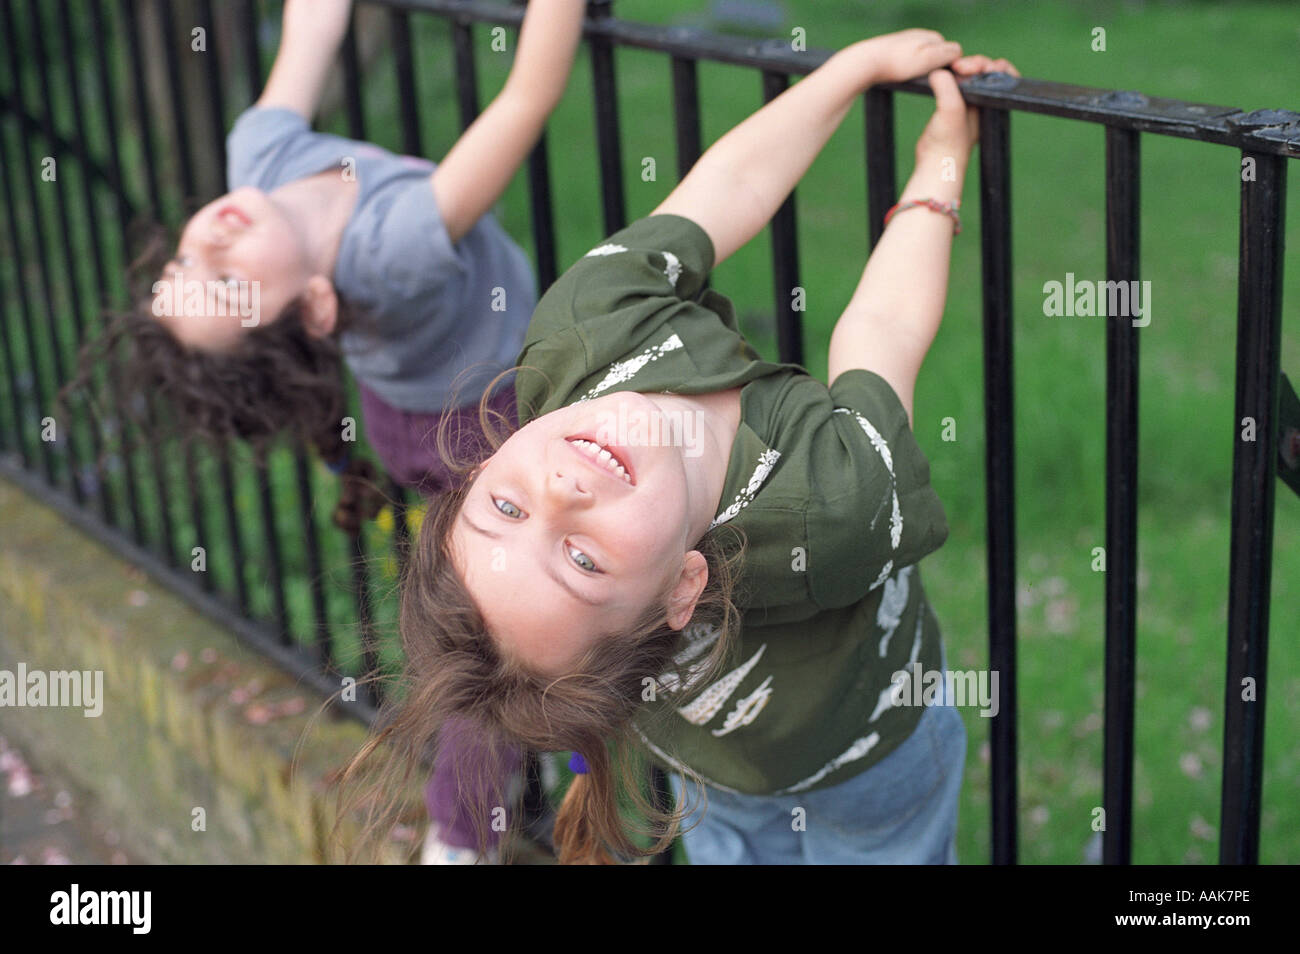 Zwei sechs Jahre alten Mädchen spielen auf Metallgeländer, London, UK. Stockbild